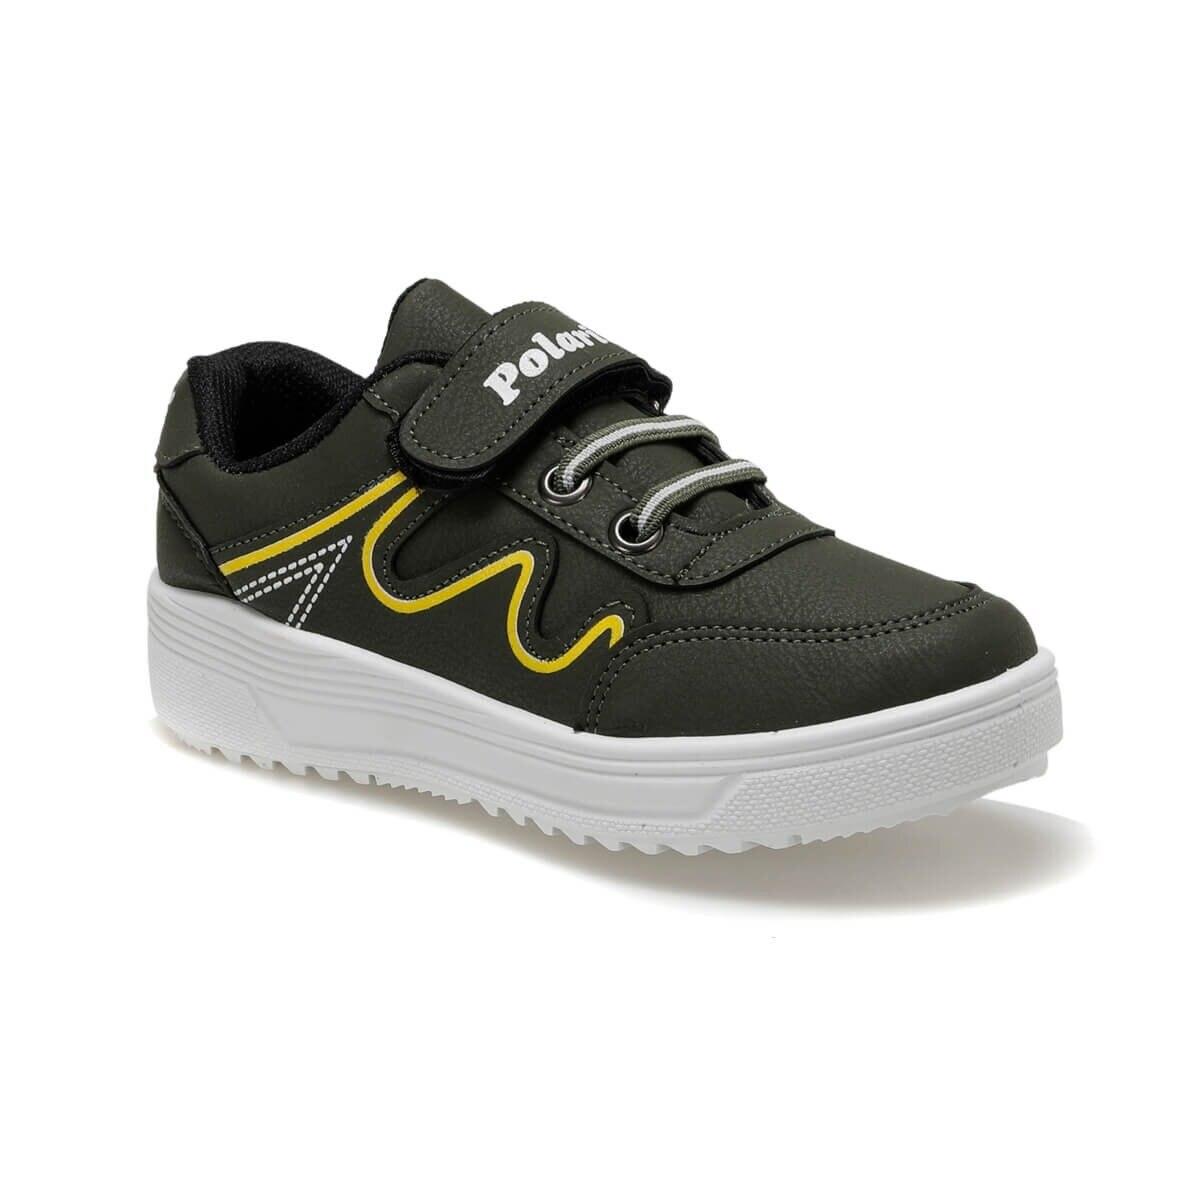 FLO 92.511835.P Khaki Male Child Shoes Polaris